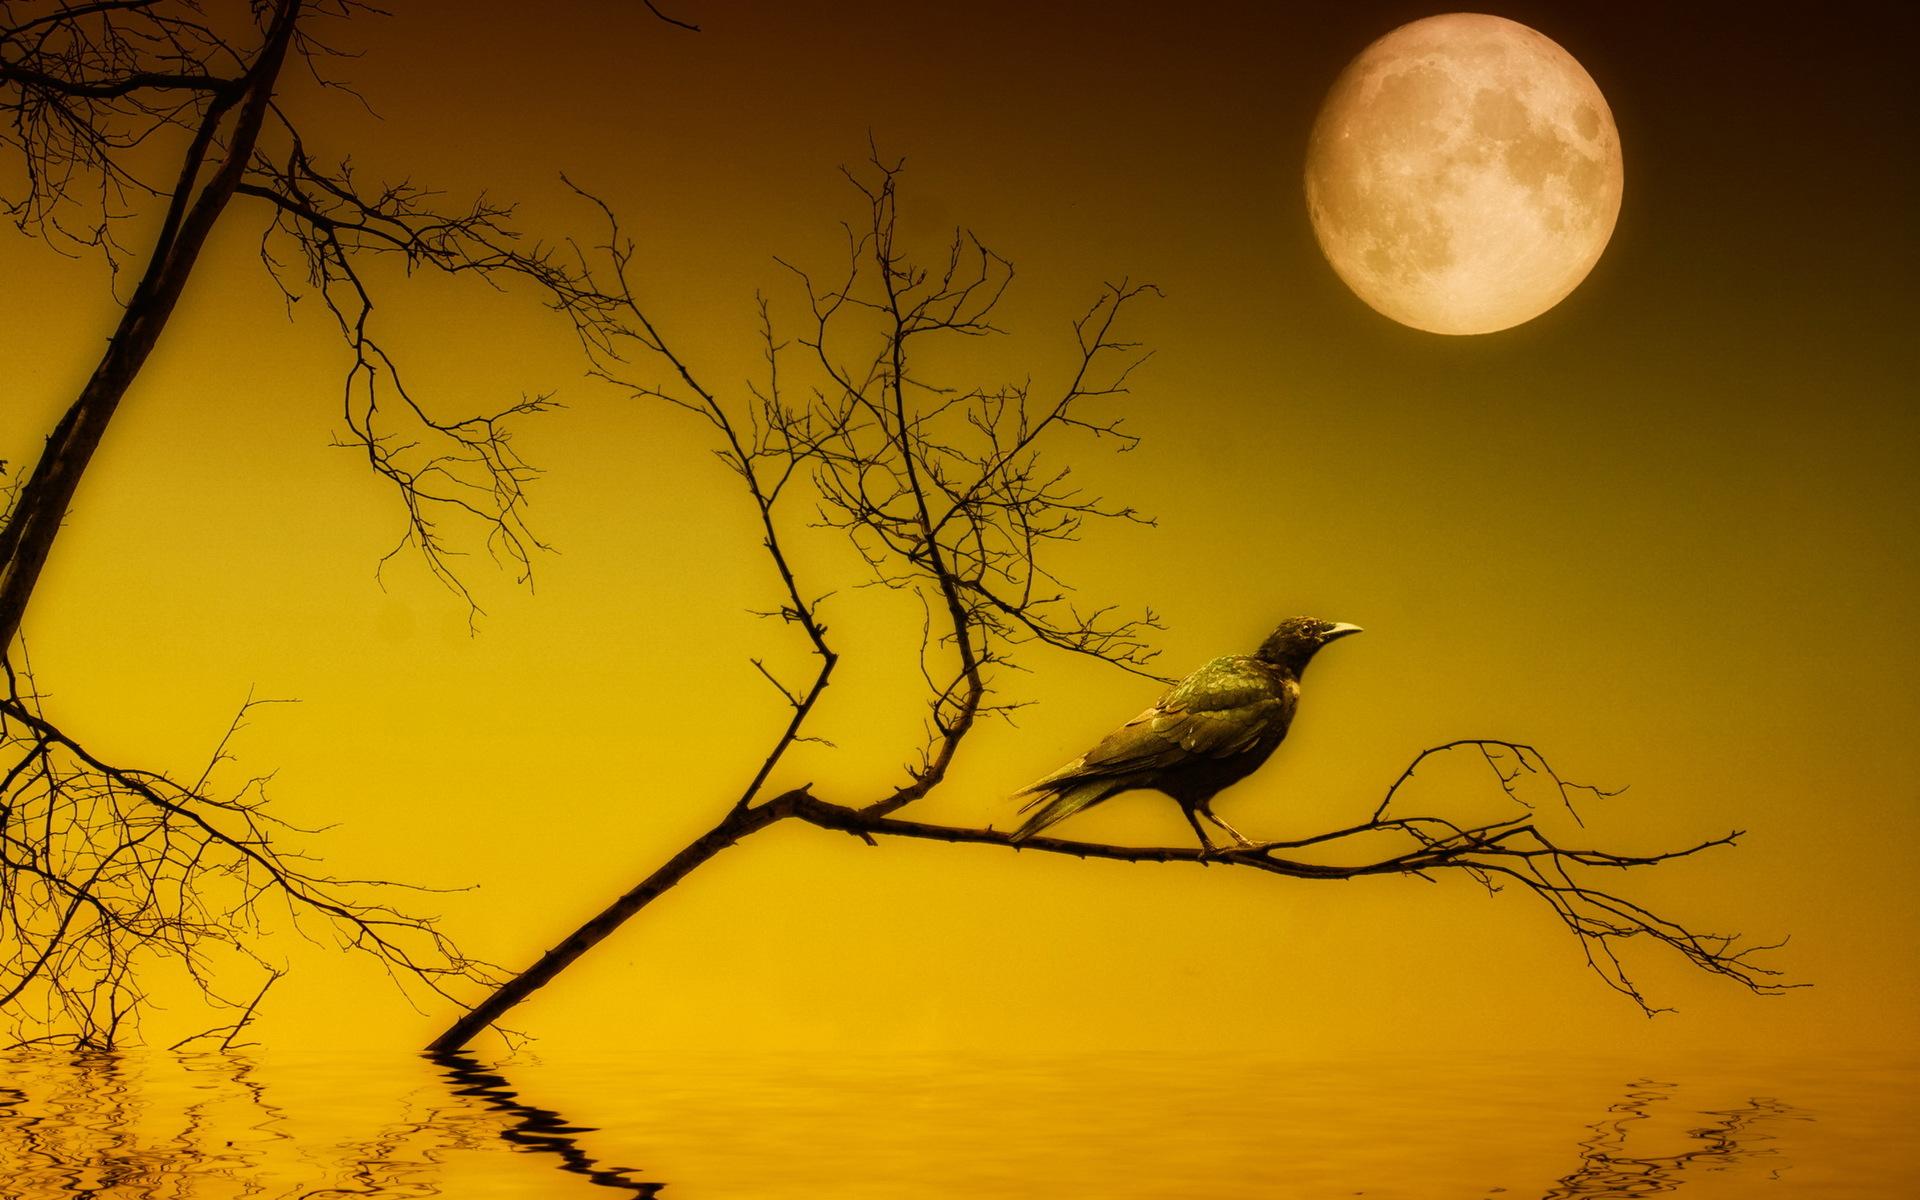 Wallpaper download jat - Movie The Crow Bird Gothic Dark Occult Wallpaper Download